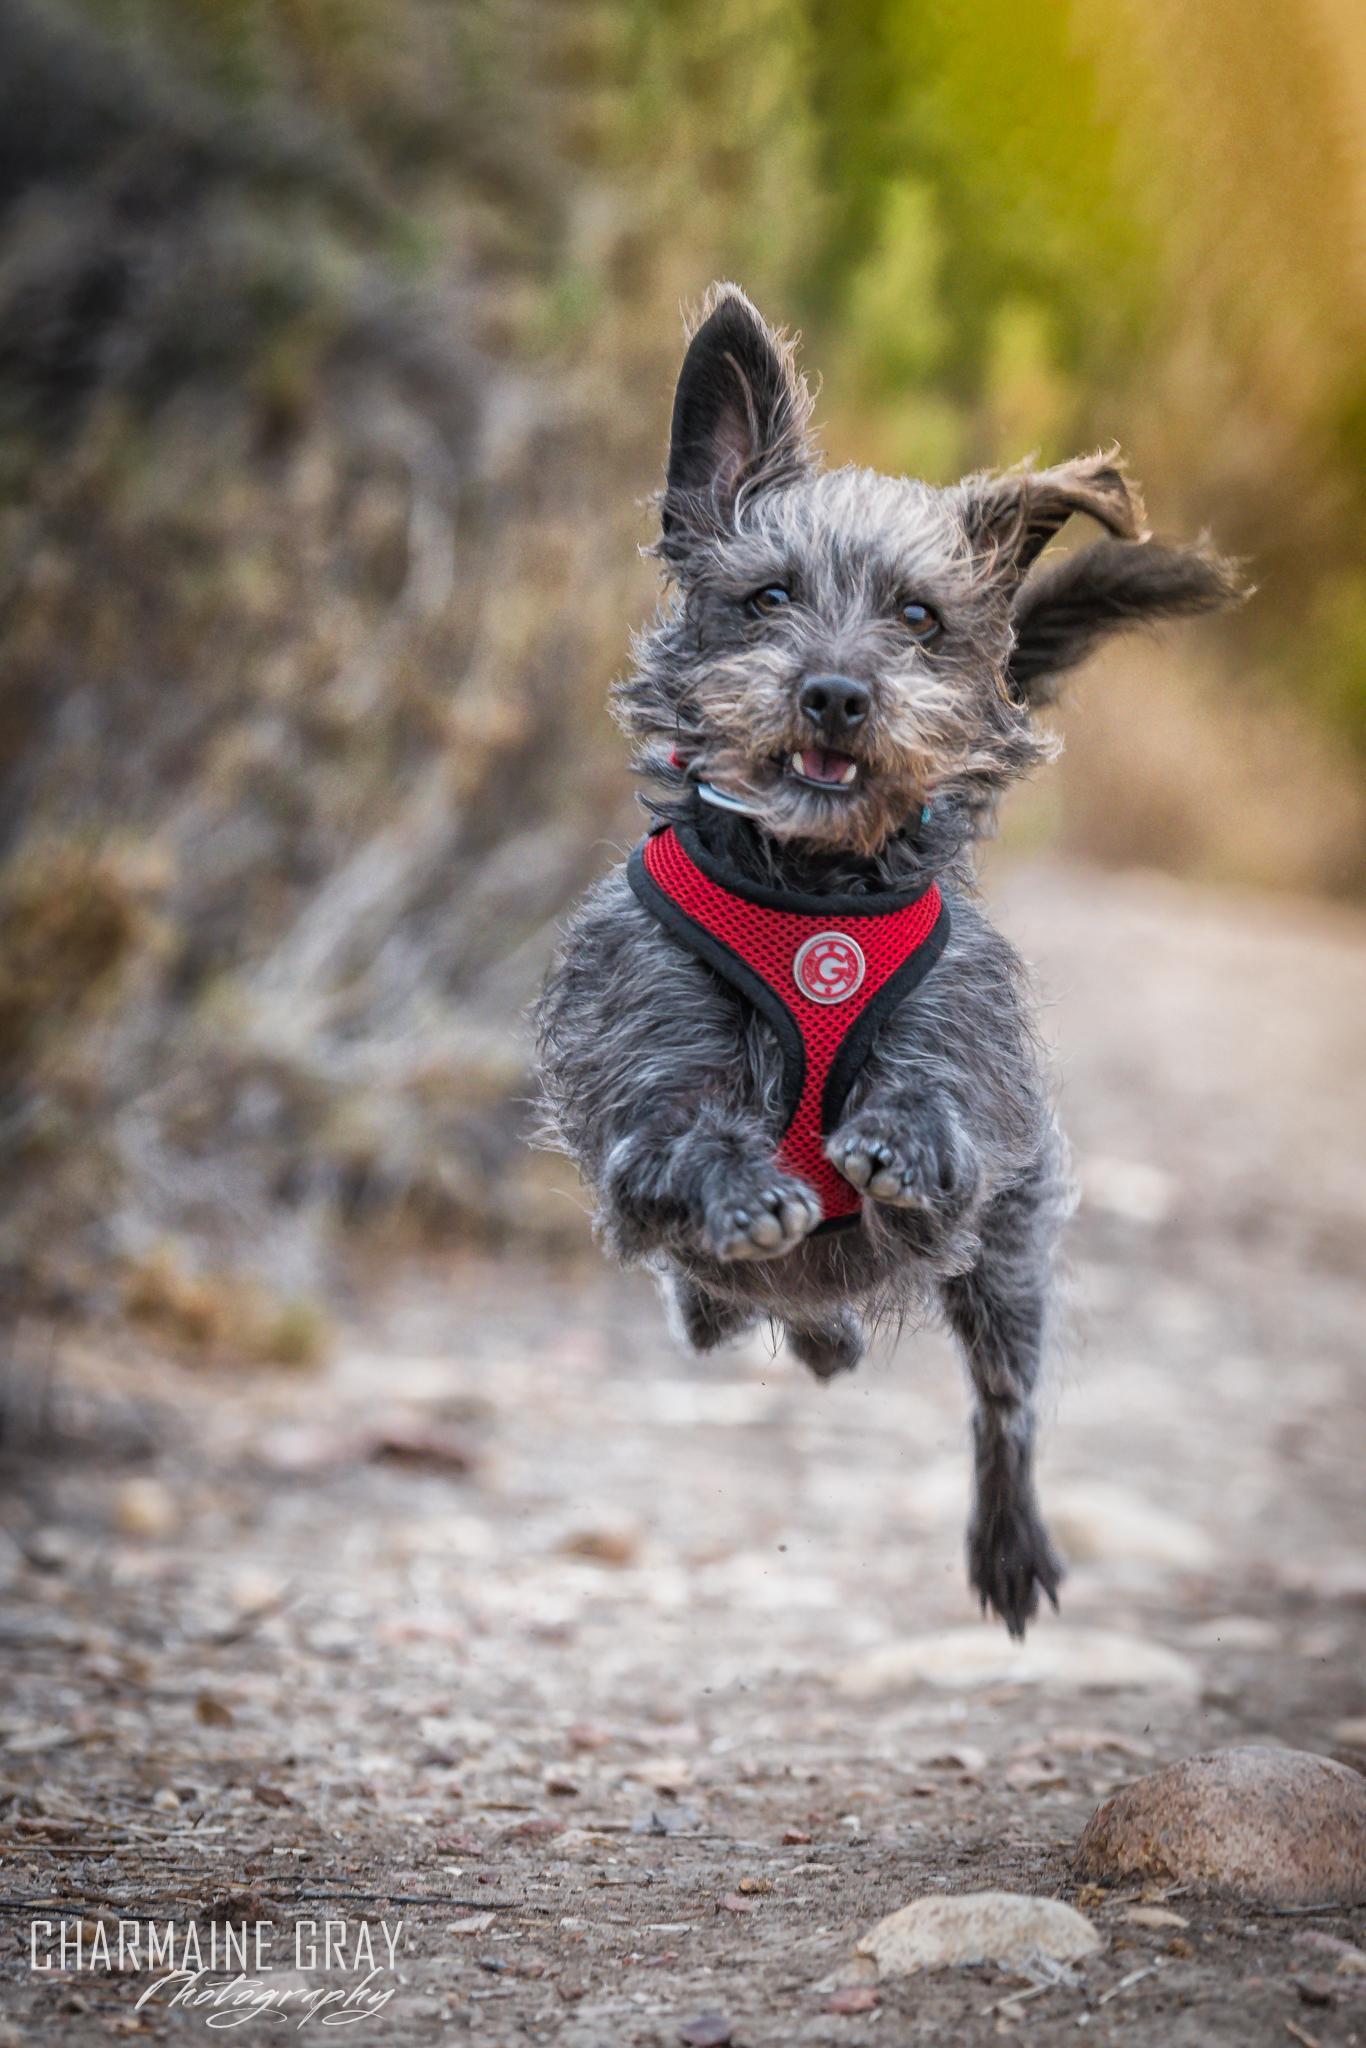 pet photographer, pet photography, pet portrait, pet, animal, charmaine gray photography, charmaine gray pet photography, san diego,terrier